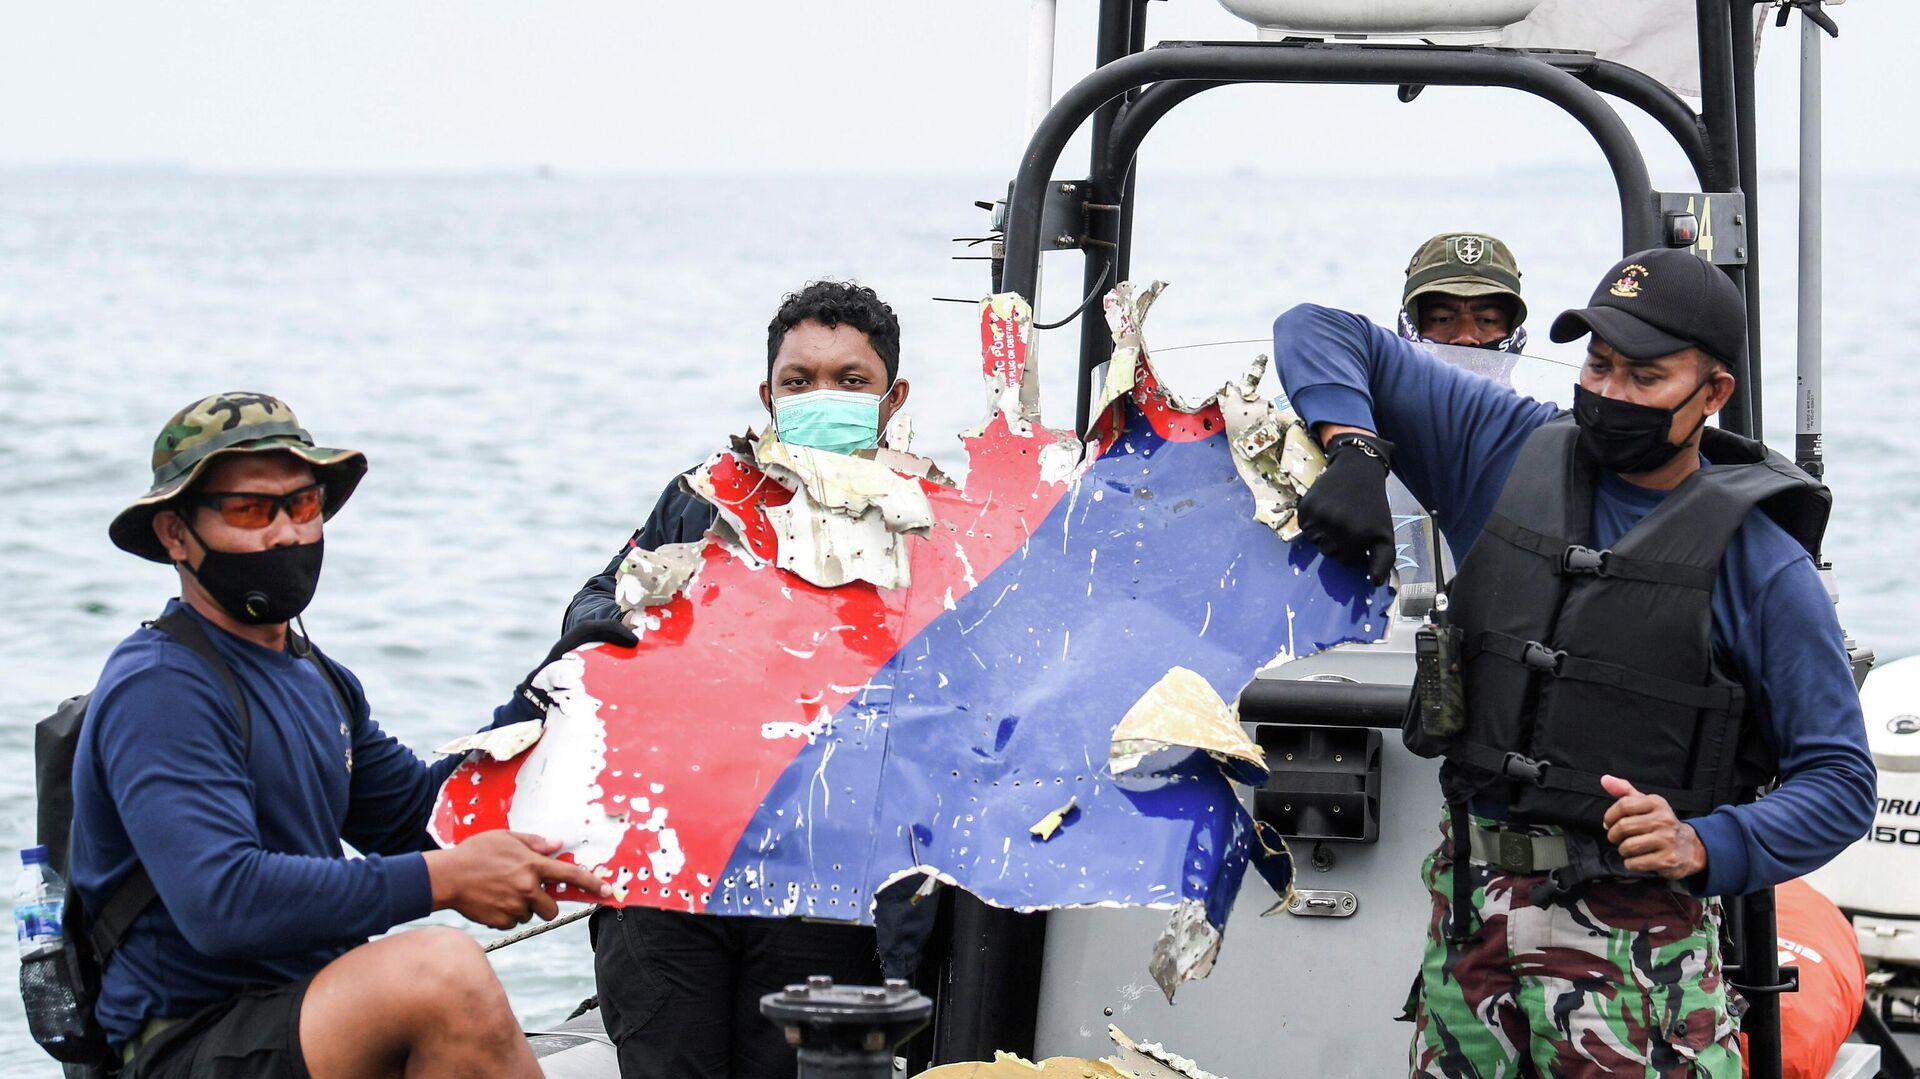 Фрагмент самолета, найденный у берегов острова Ява, где потерпел крушение самолет Boeing 737-500 - РИА Новости, 1920, 12.01.2021